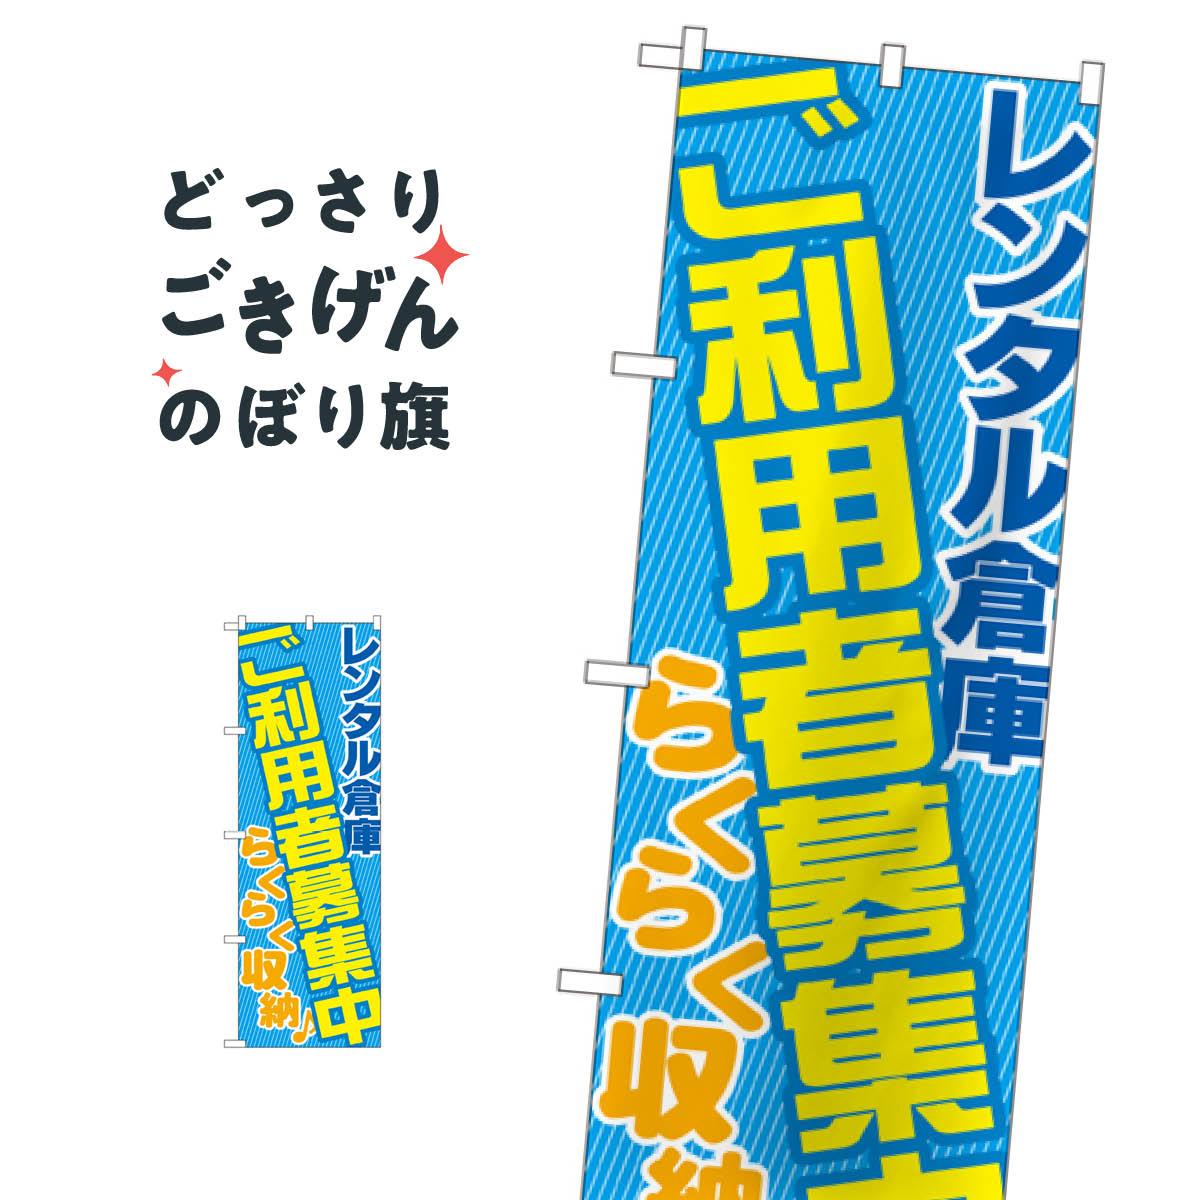 レンタル倉庫 のぼり旗 GNB-1990 貸し物件